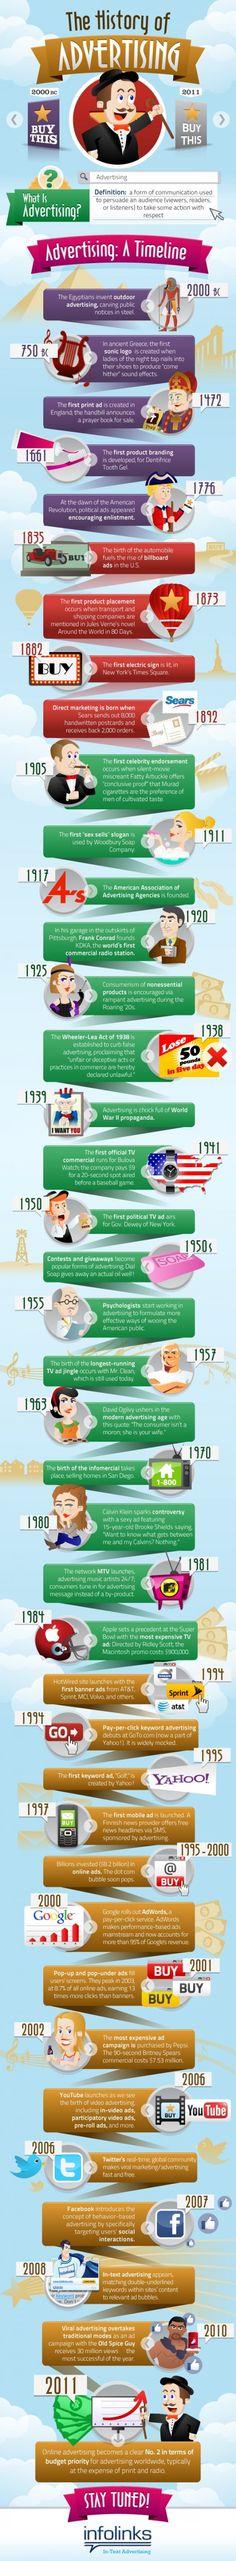 Infografía: Historia y Evolución de la Publicidad